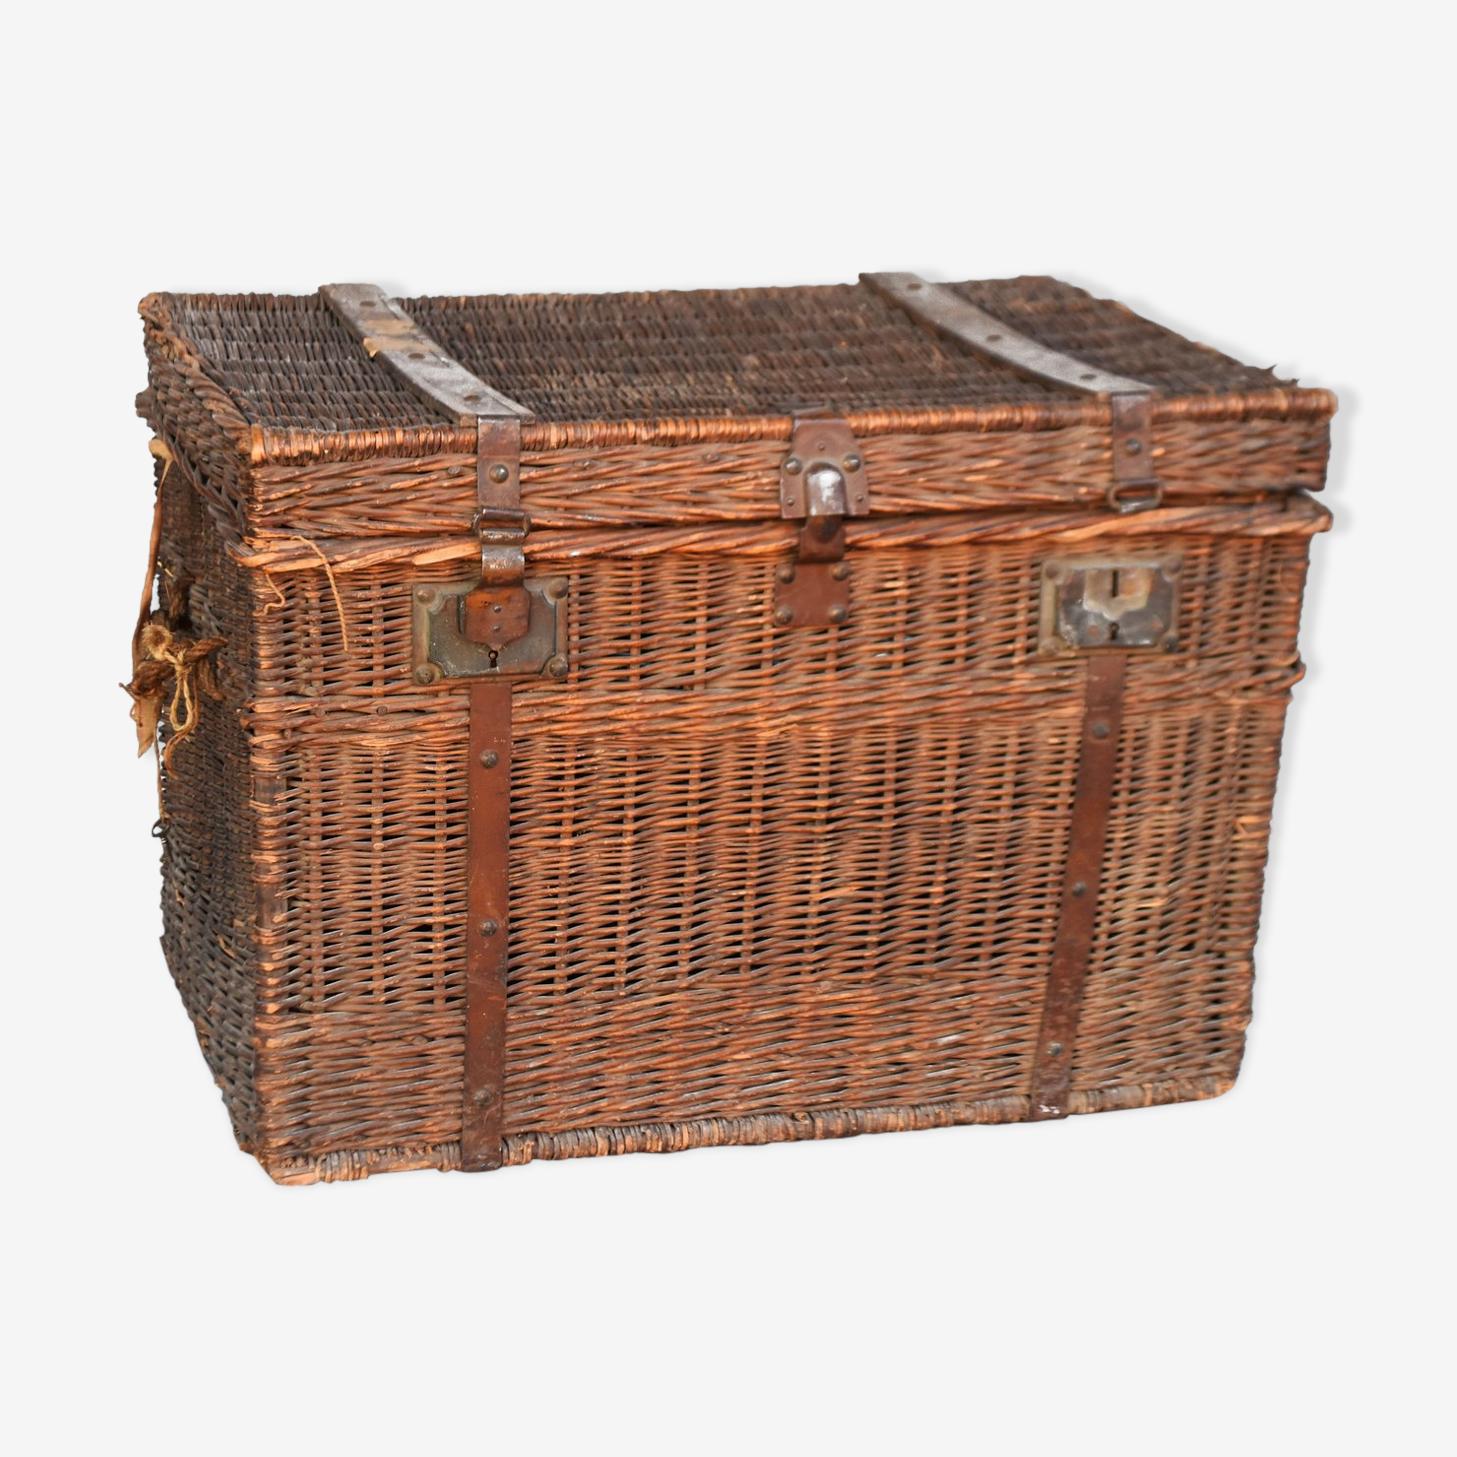 Malle de voyage 1900 en osier